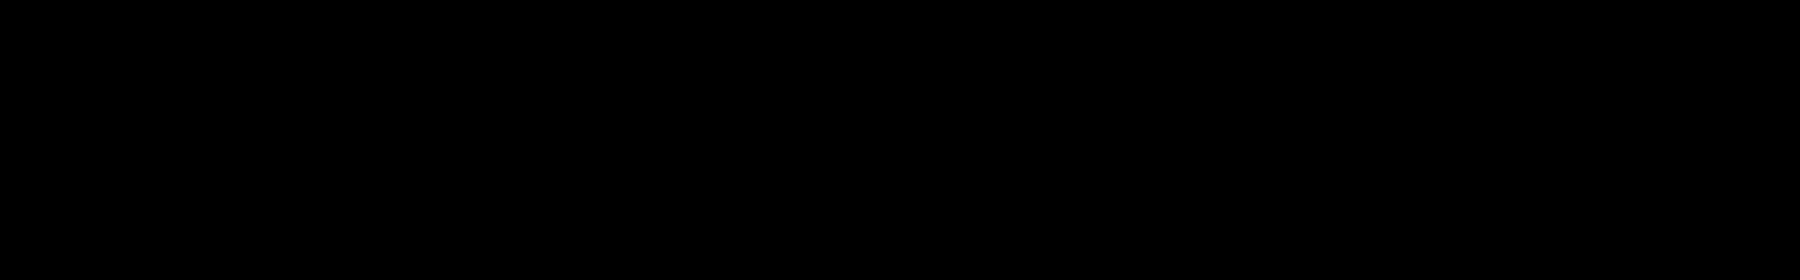 Premium Reggaeton audio waveform